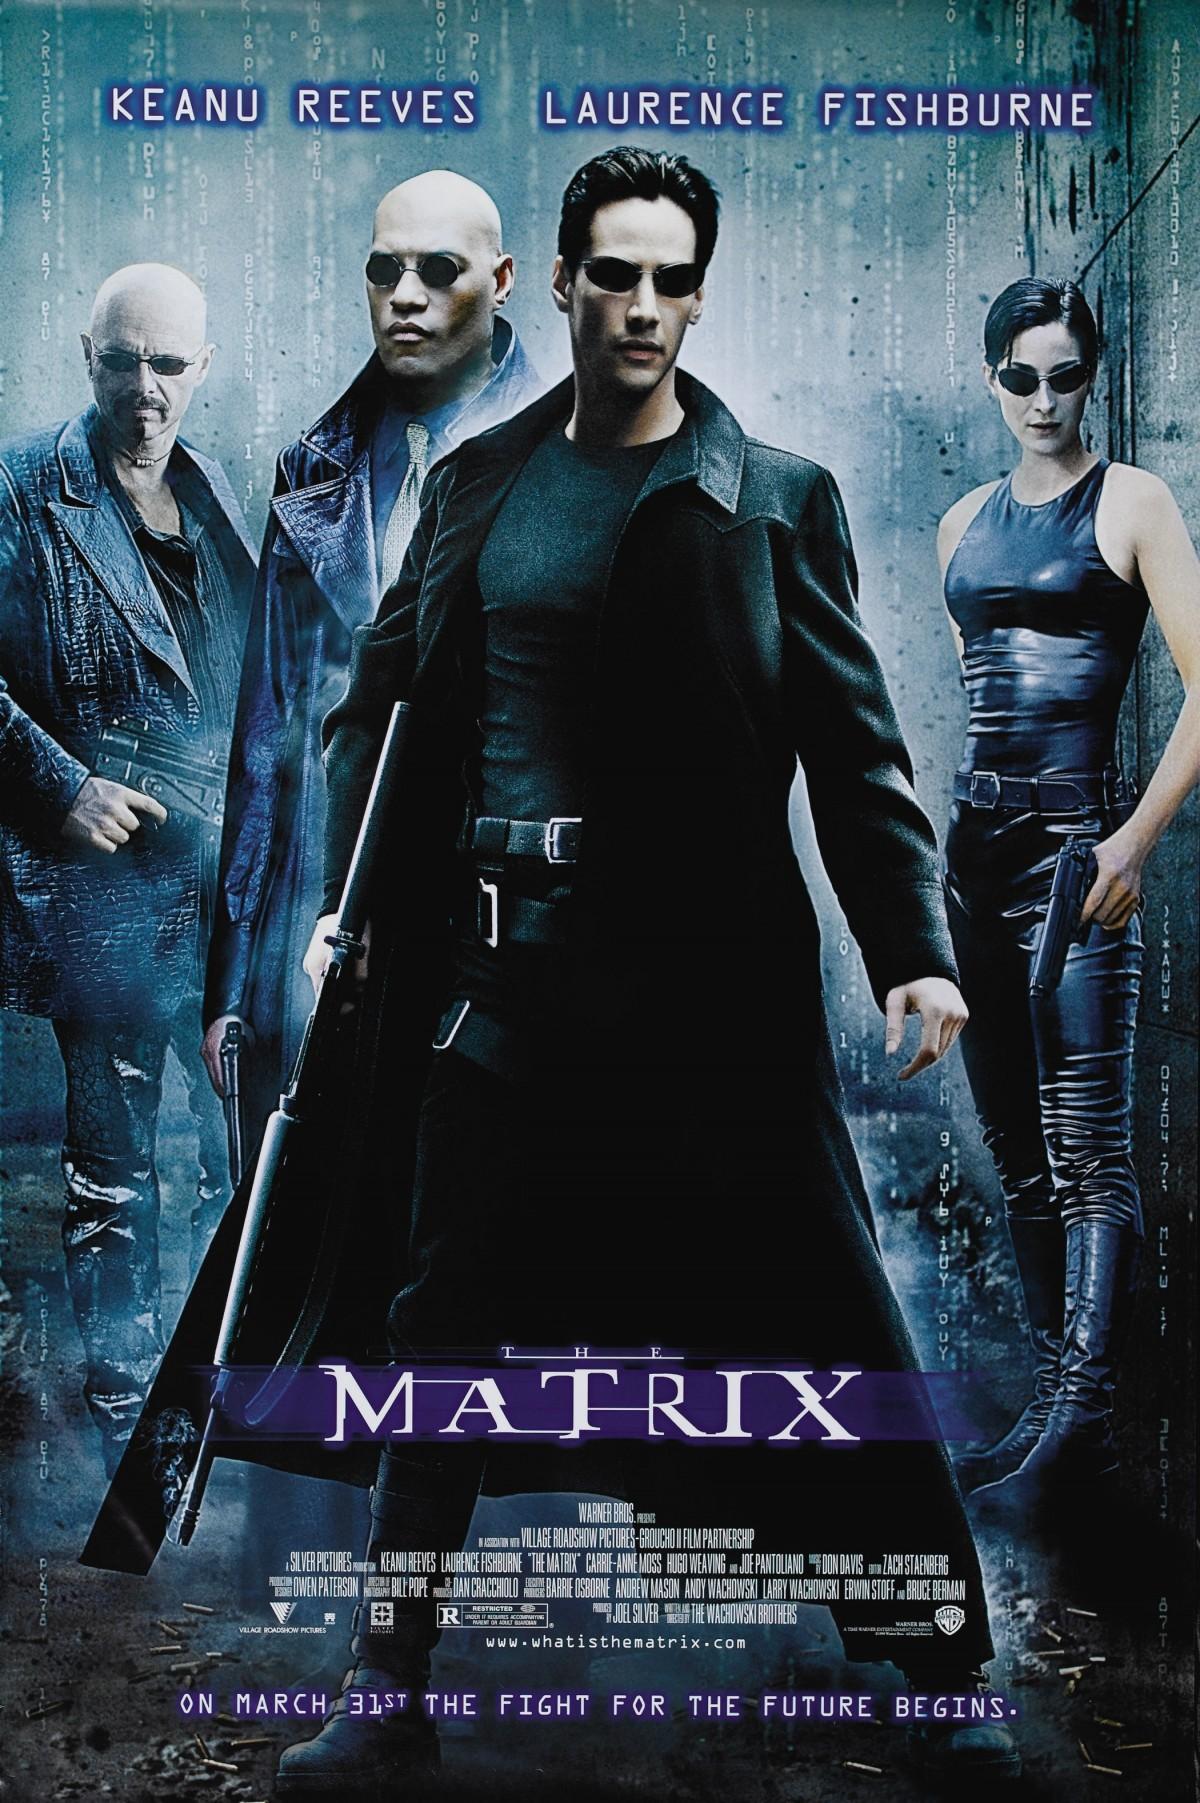 17. Matrix (1999)